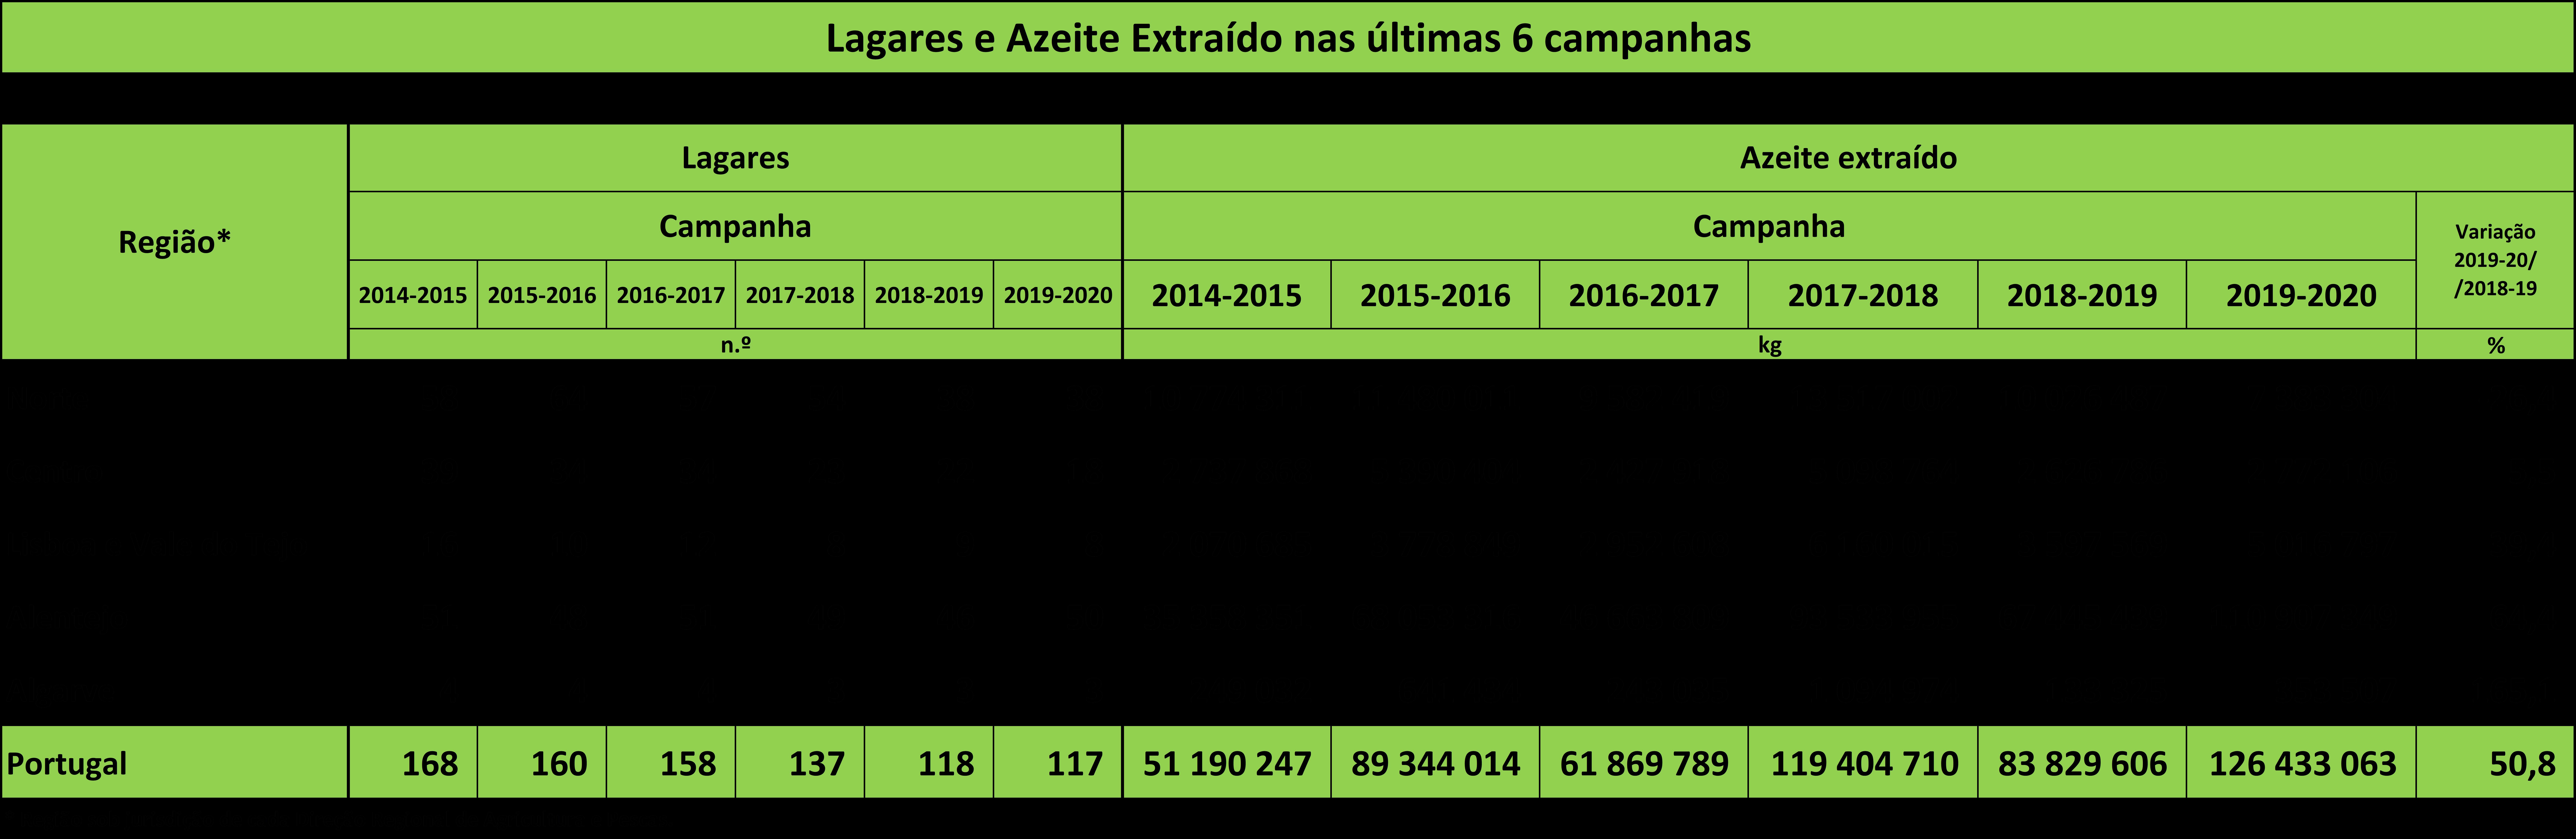 tabela Lagares e Azeite Extraído nas últimas 6 campanhas